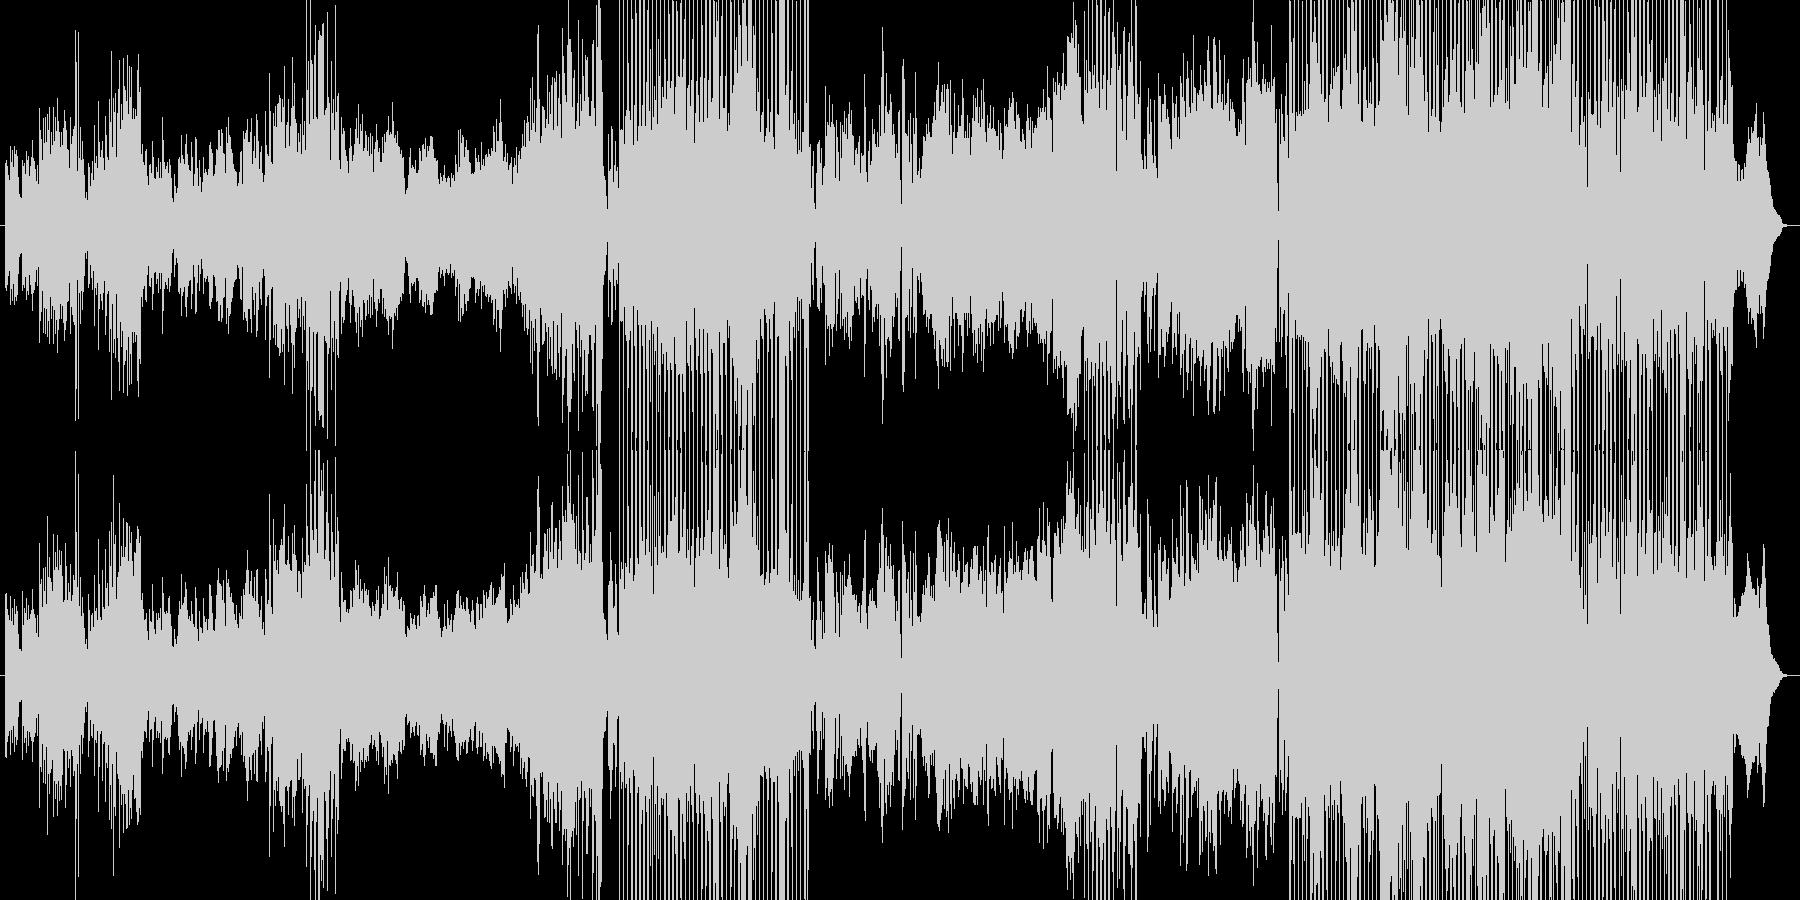 幻想的な和風エレクトロニカの未再生の波形